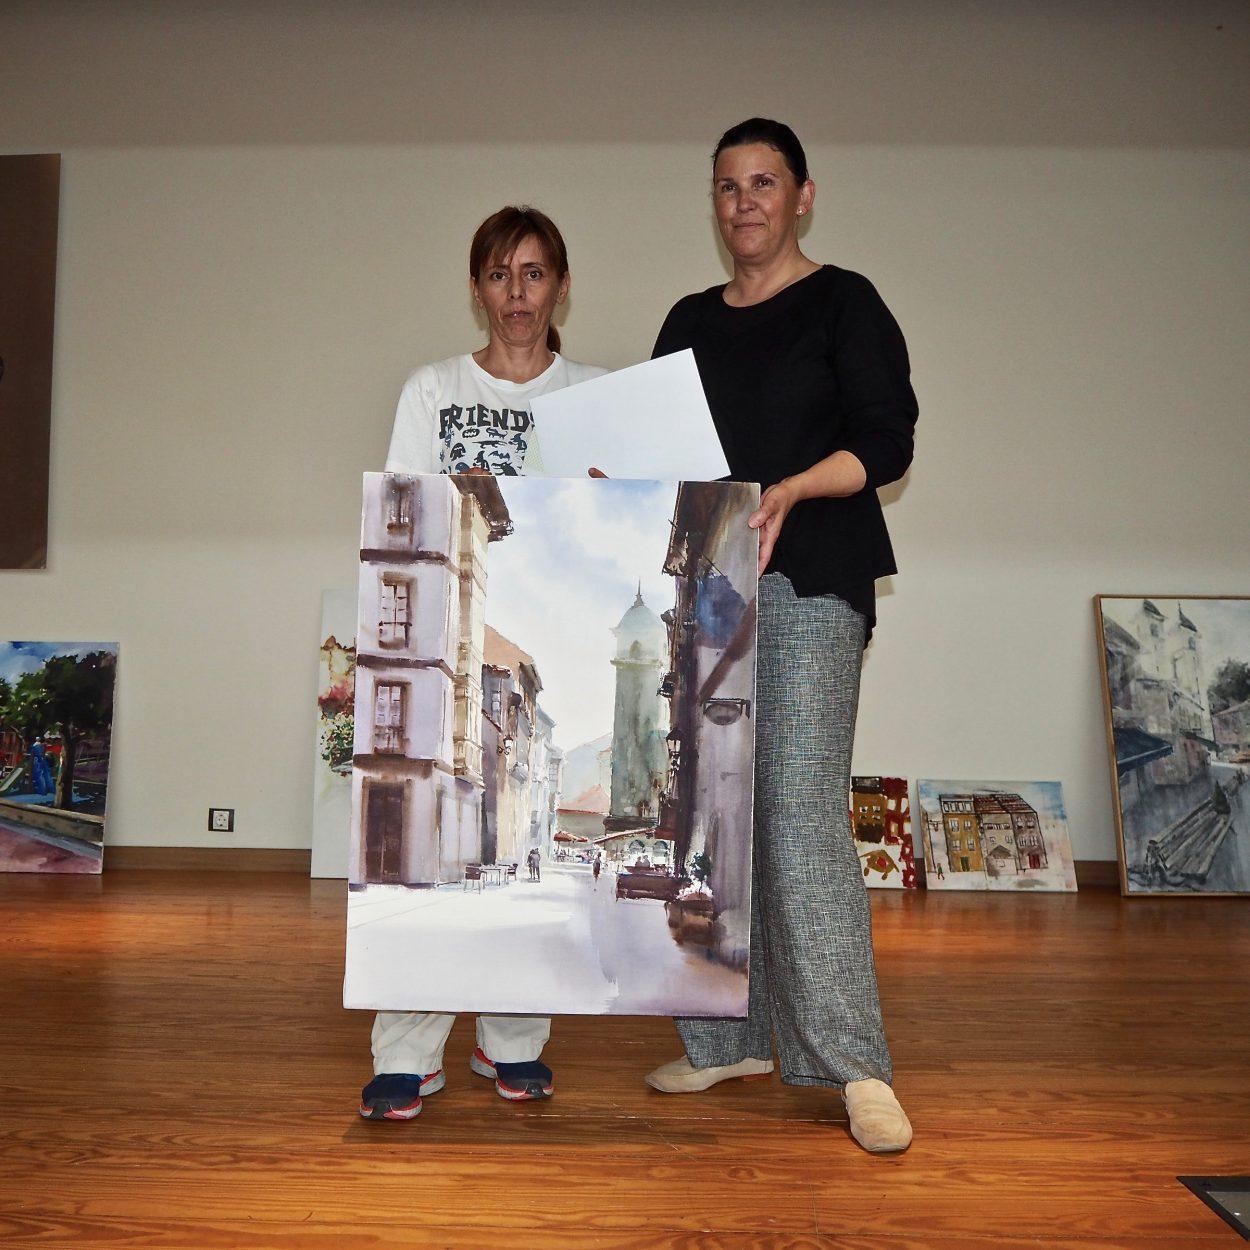 El gijonés Diego Fernández Columé gana el Certamen de Pintura en la Calle de Ribadesella